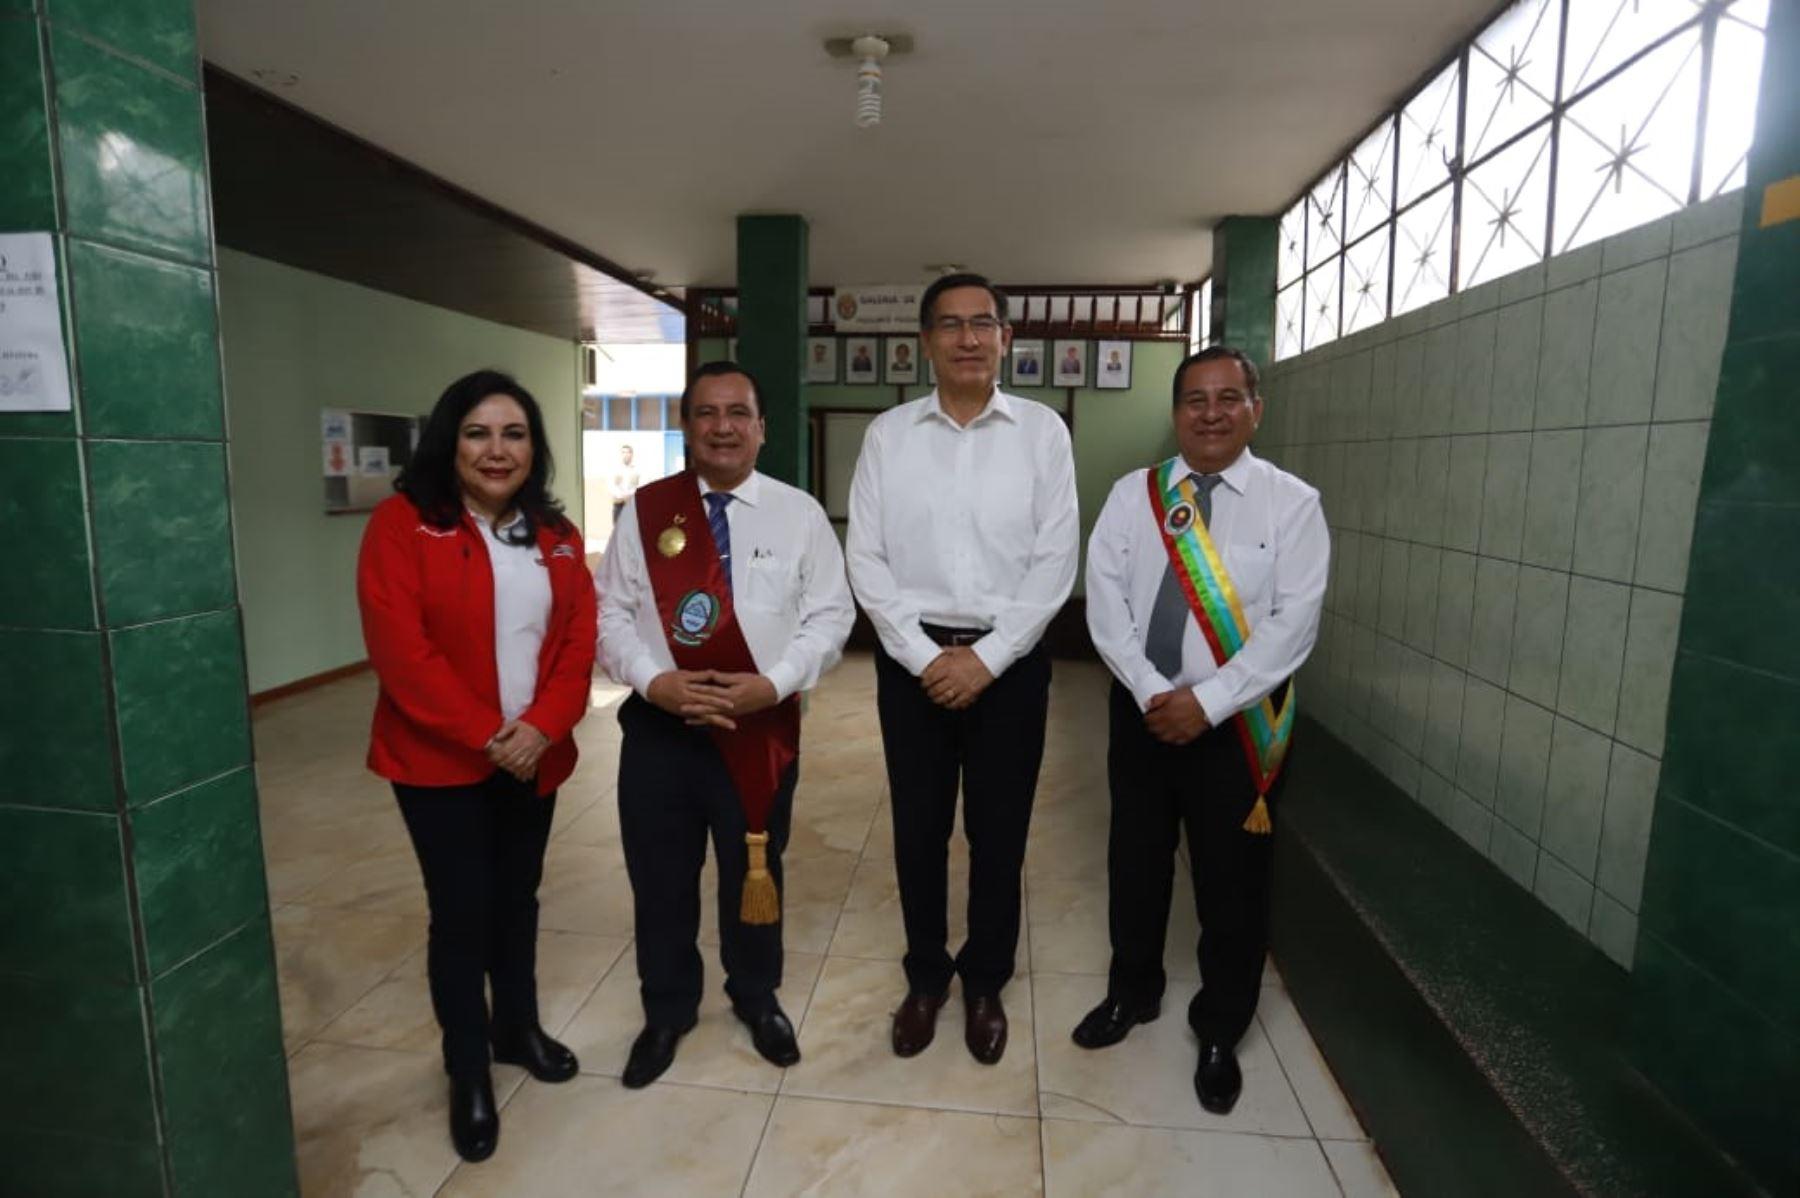 Jefe de Estado Martín Vizcarra se en encuentra en Pucallpa, región Ucayali, para participar en el aniversario de la ciudad y clausurar el I Congreso de Alcaldesas del Bicentenario. Foto: ANDINA/Prensa Presidencia